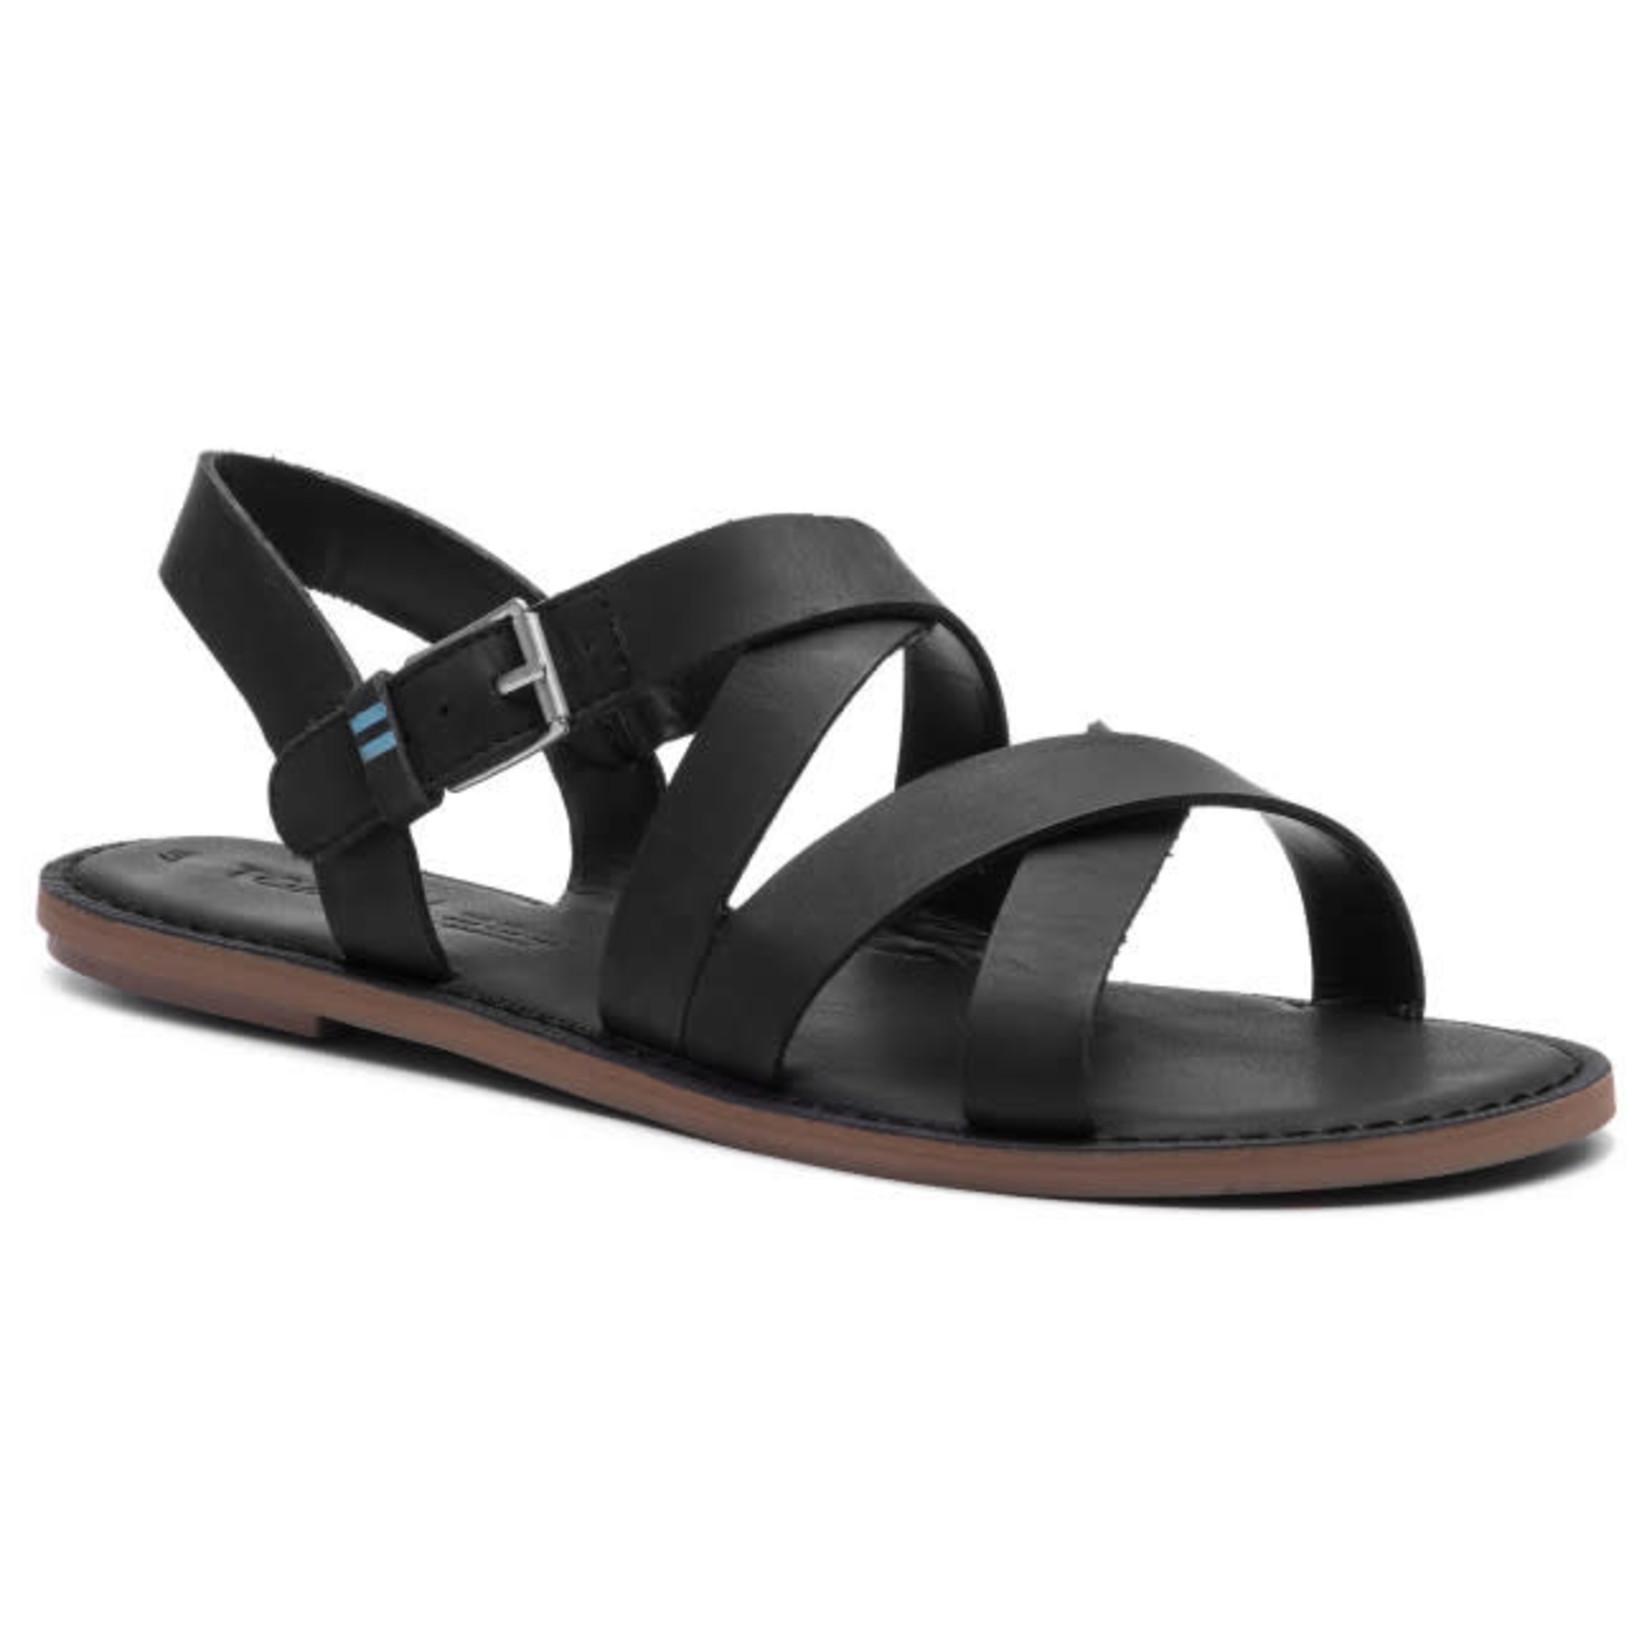 Toms Toms Sandals, Sicily, Ladies